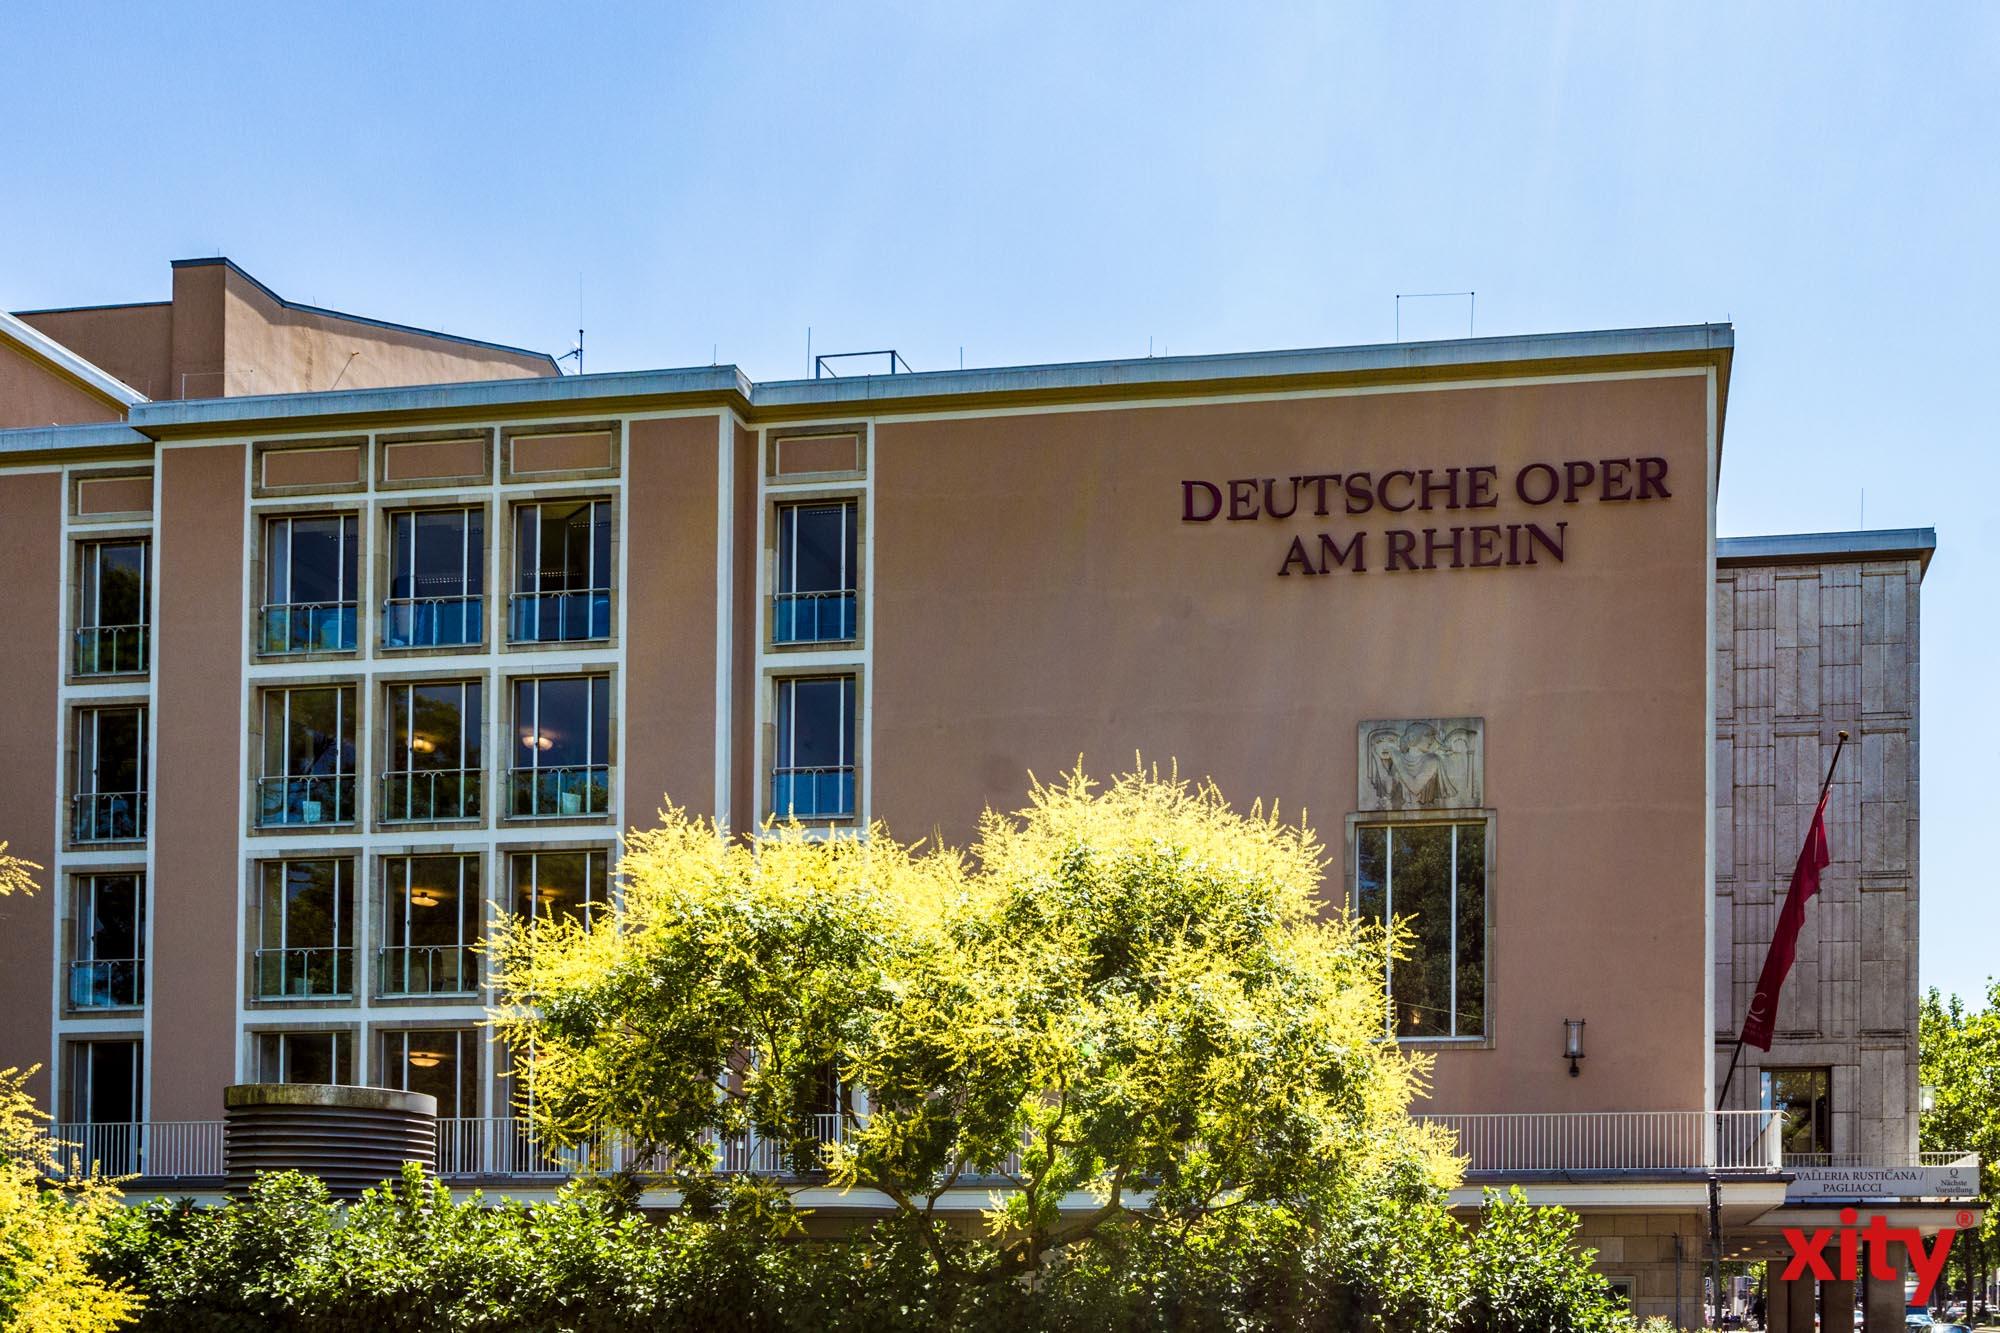 Öffentlichkeitsbeteiligung zur Zukunft des Düsseldorfer Opernhauses (Foto: xity)